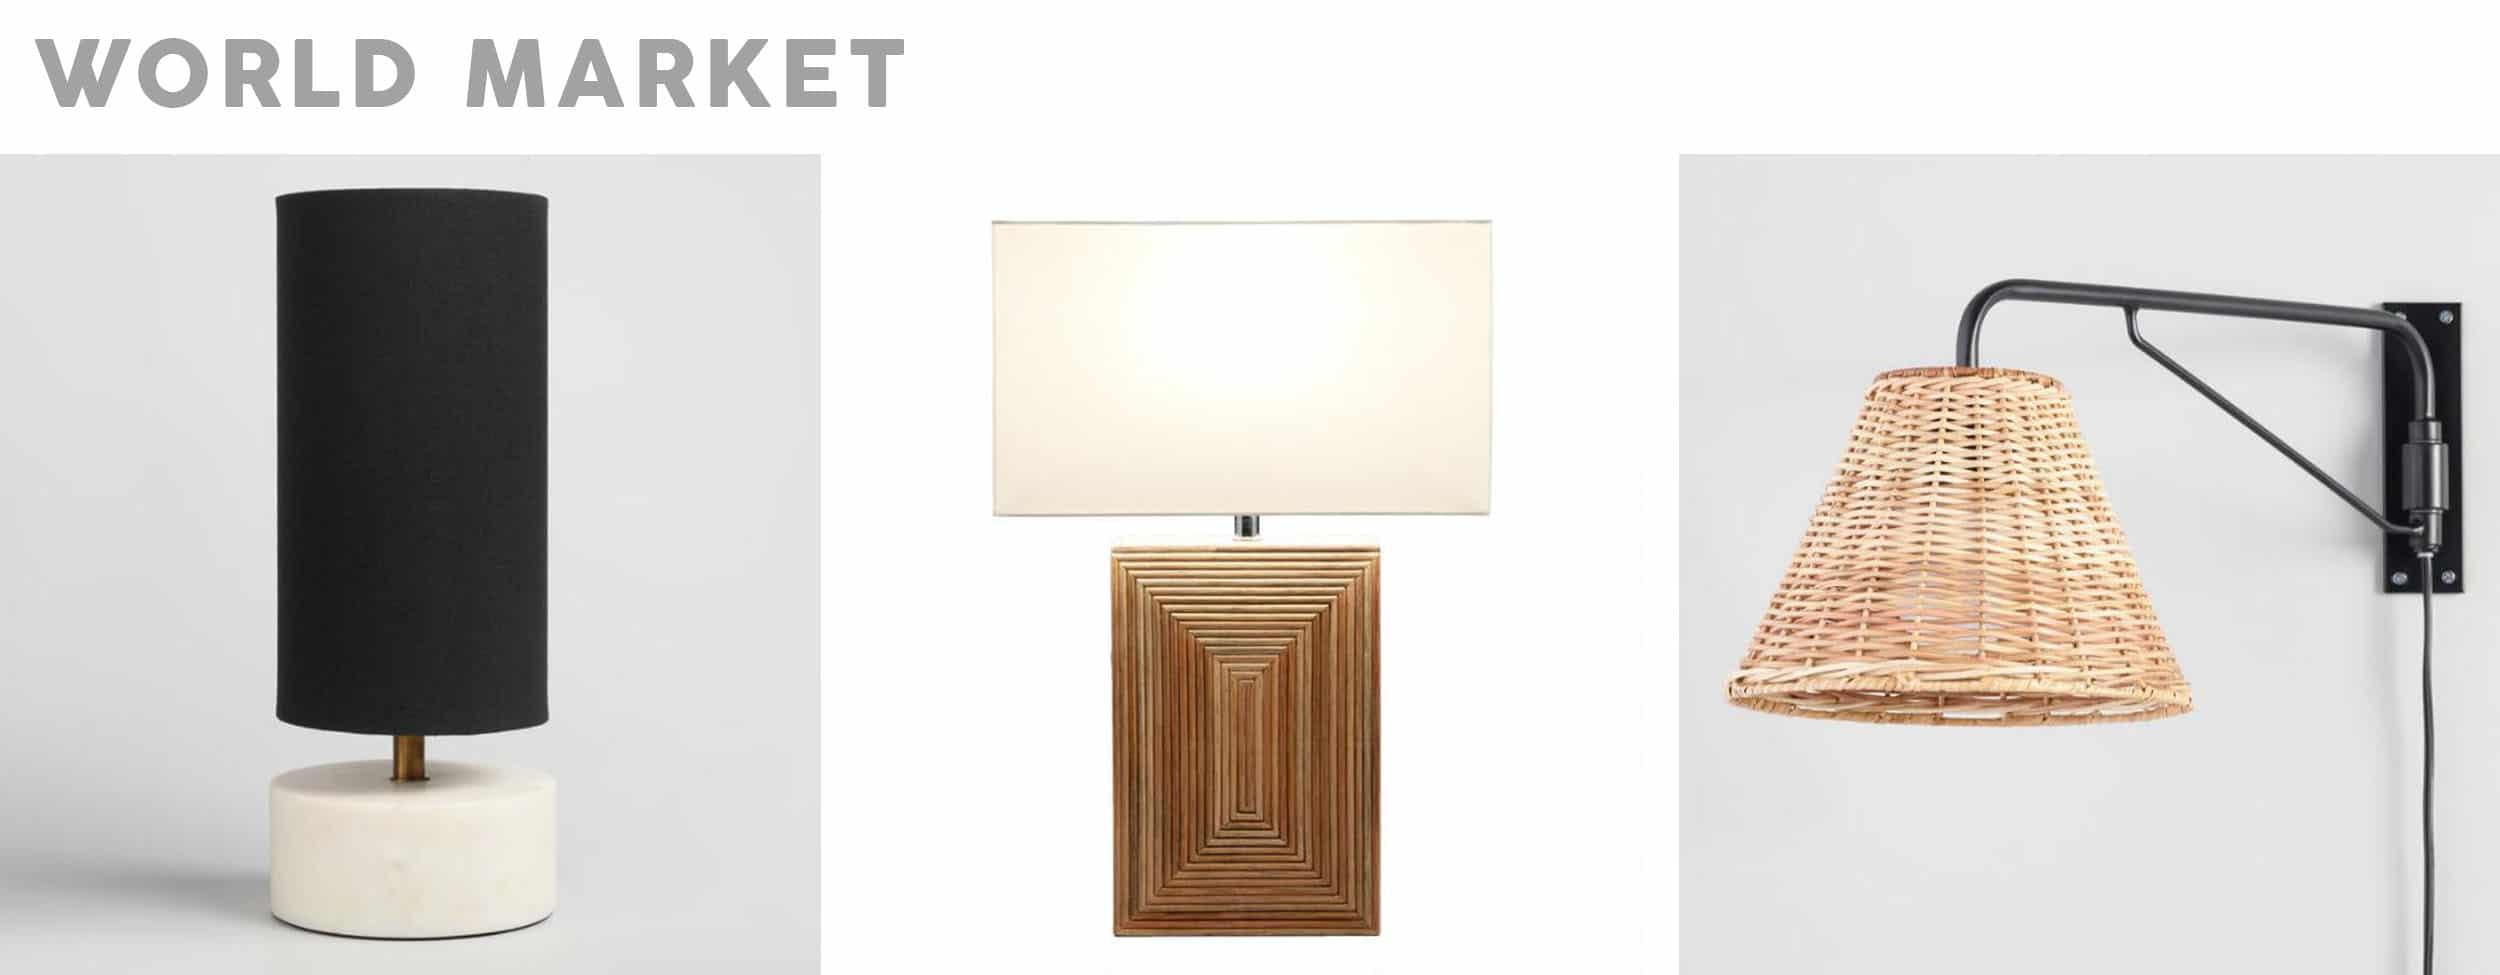 Emily Henderson affordable living room lighting_25